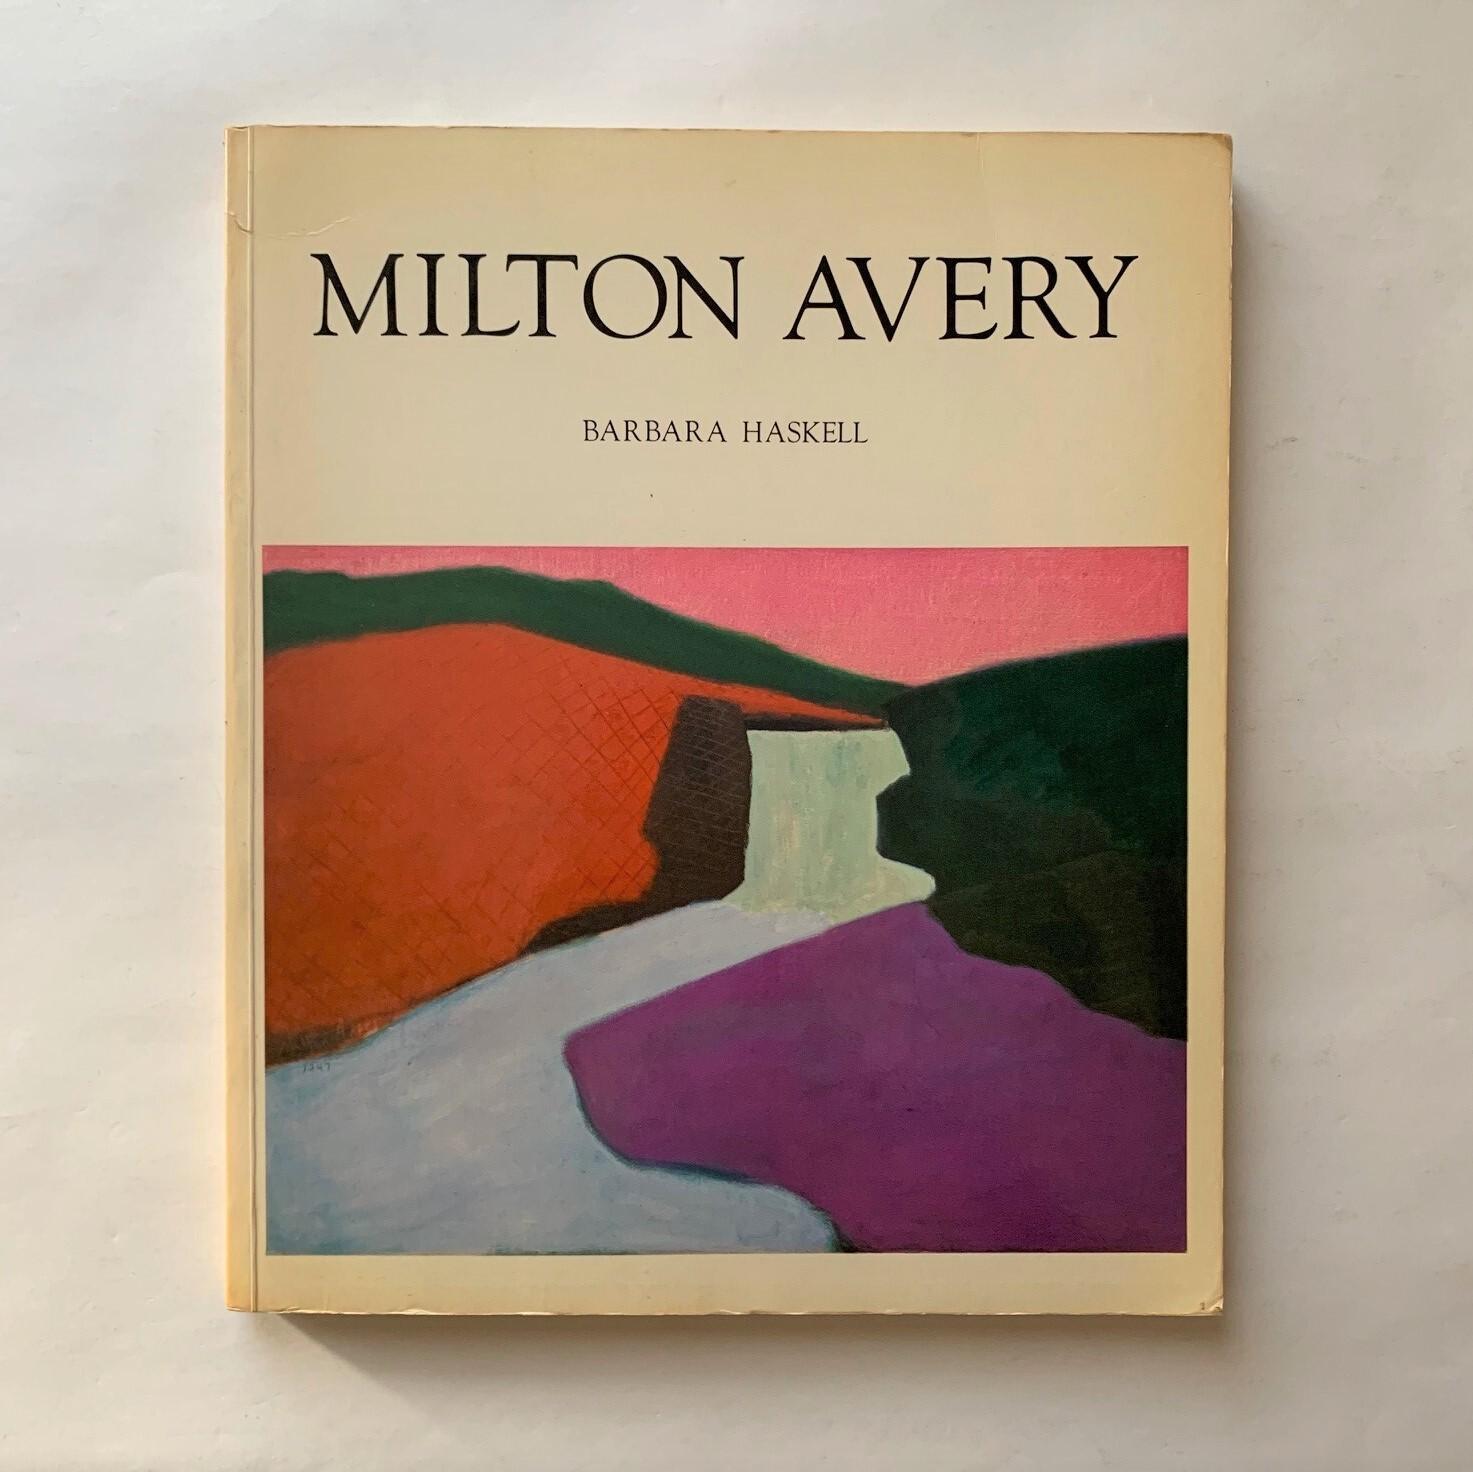 Milton Avery / Haskell Barbara